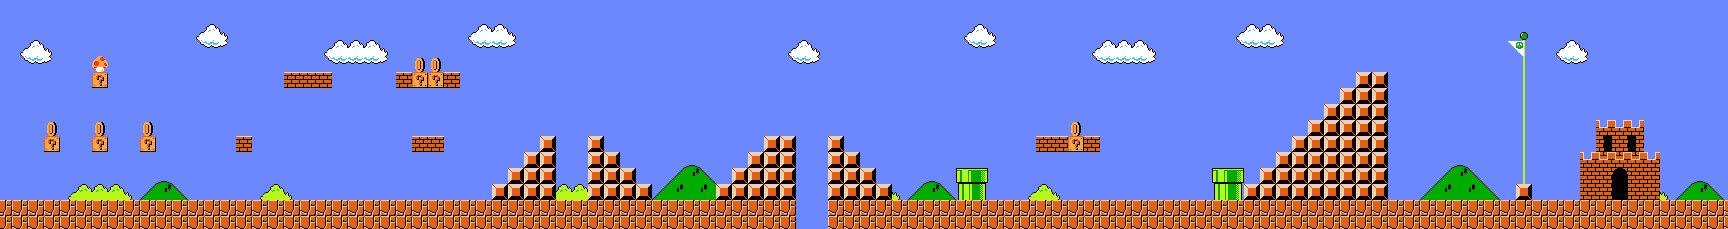 La fun du premier niveau de Mario Bros